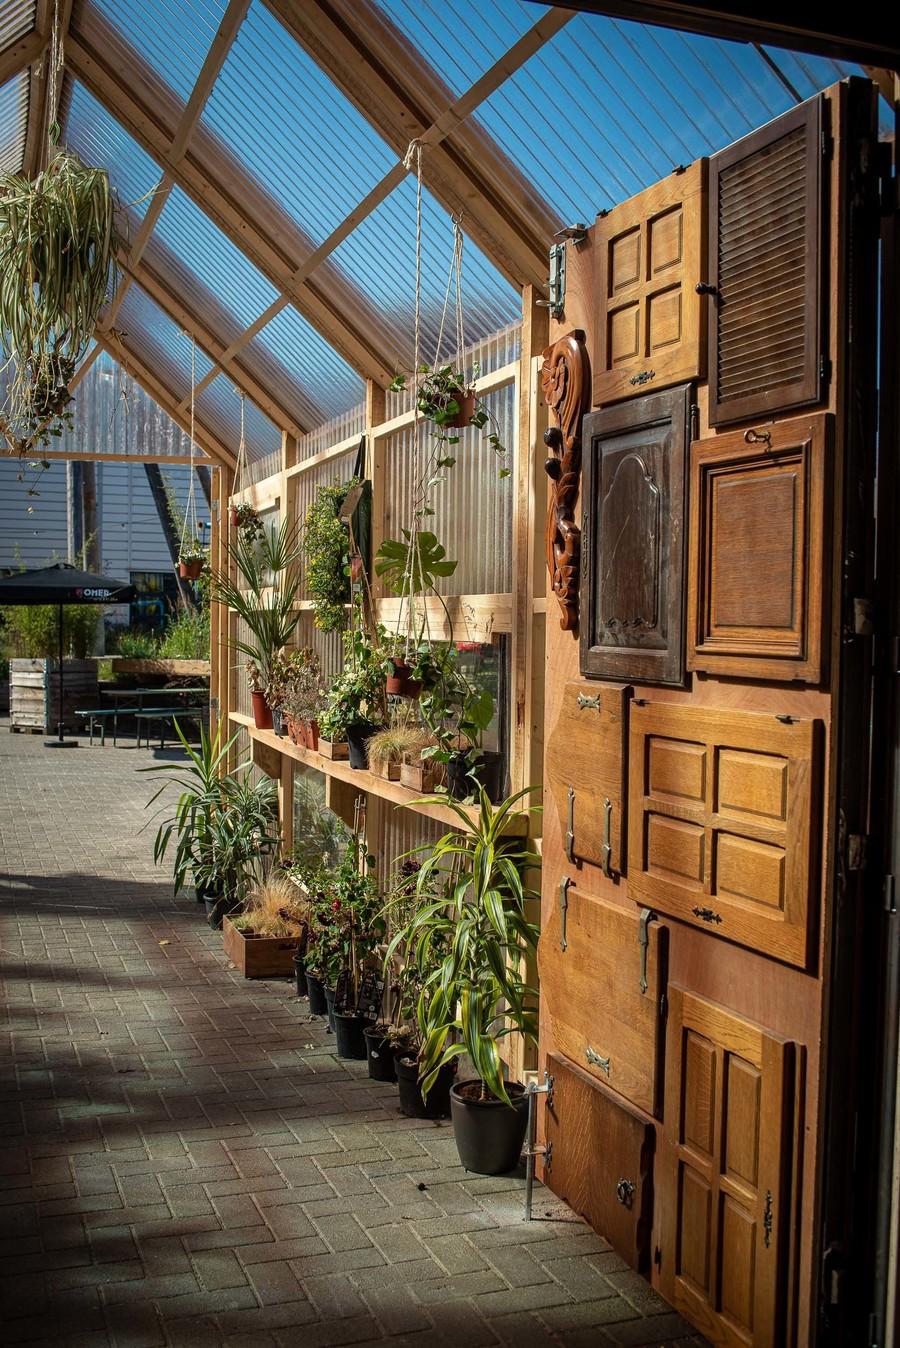 Ingang met houten kasten en planten